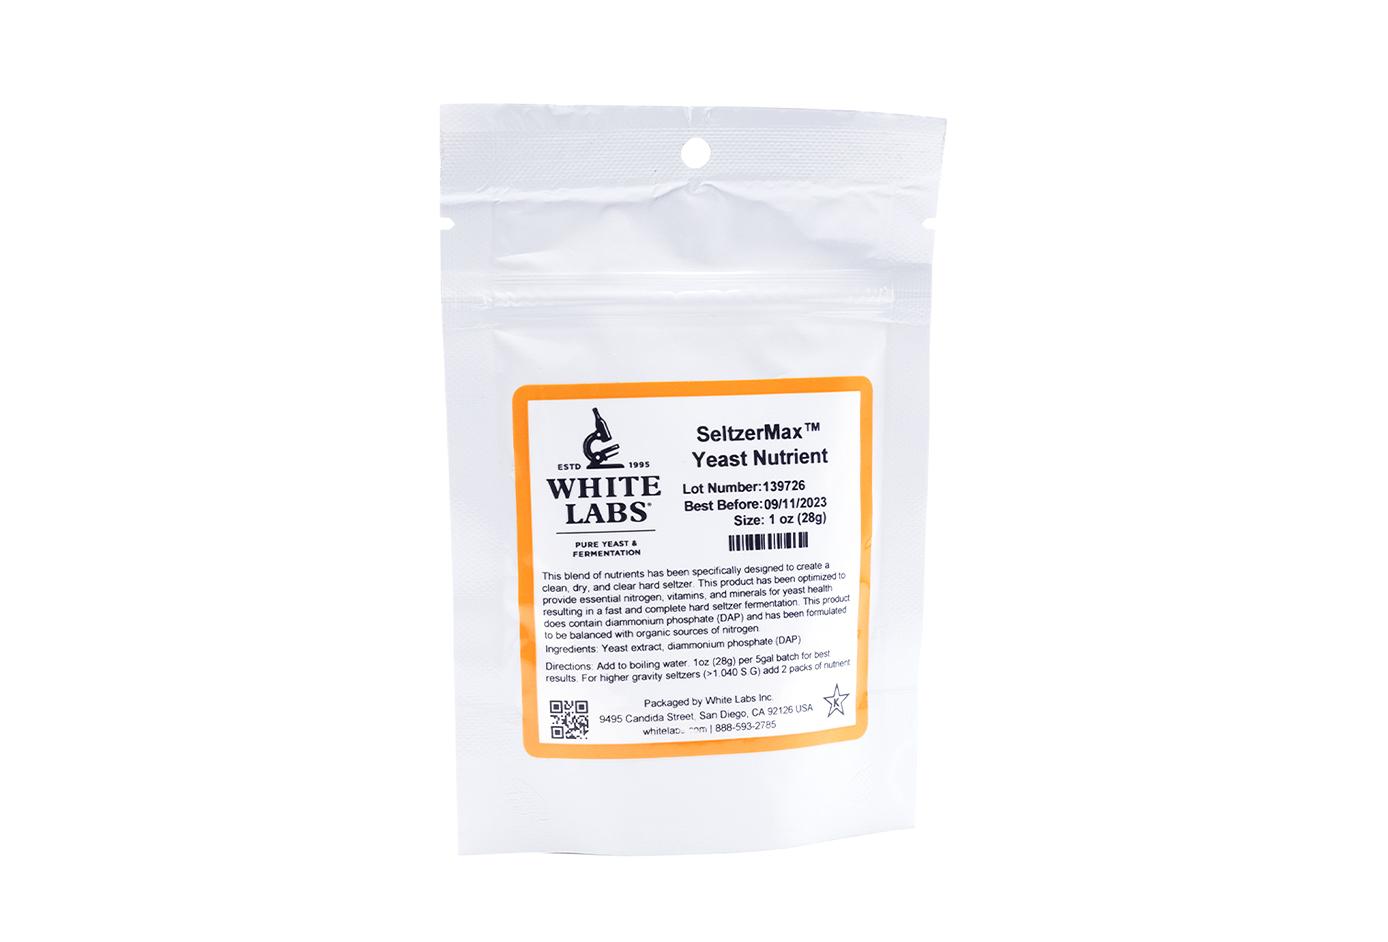 SeltzerMax Yeast Nutrient